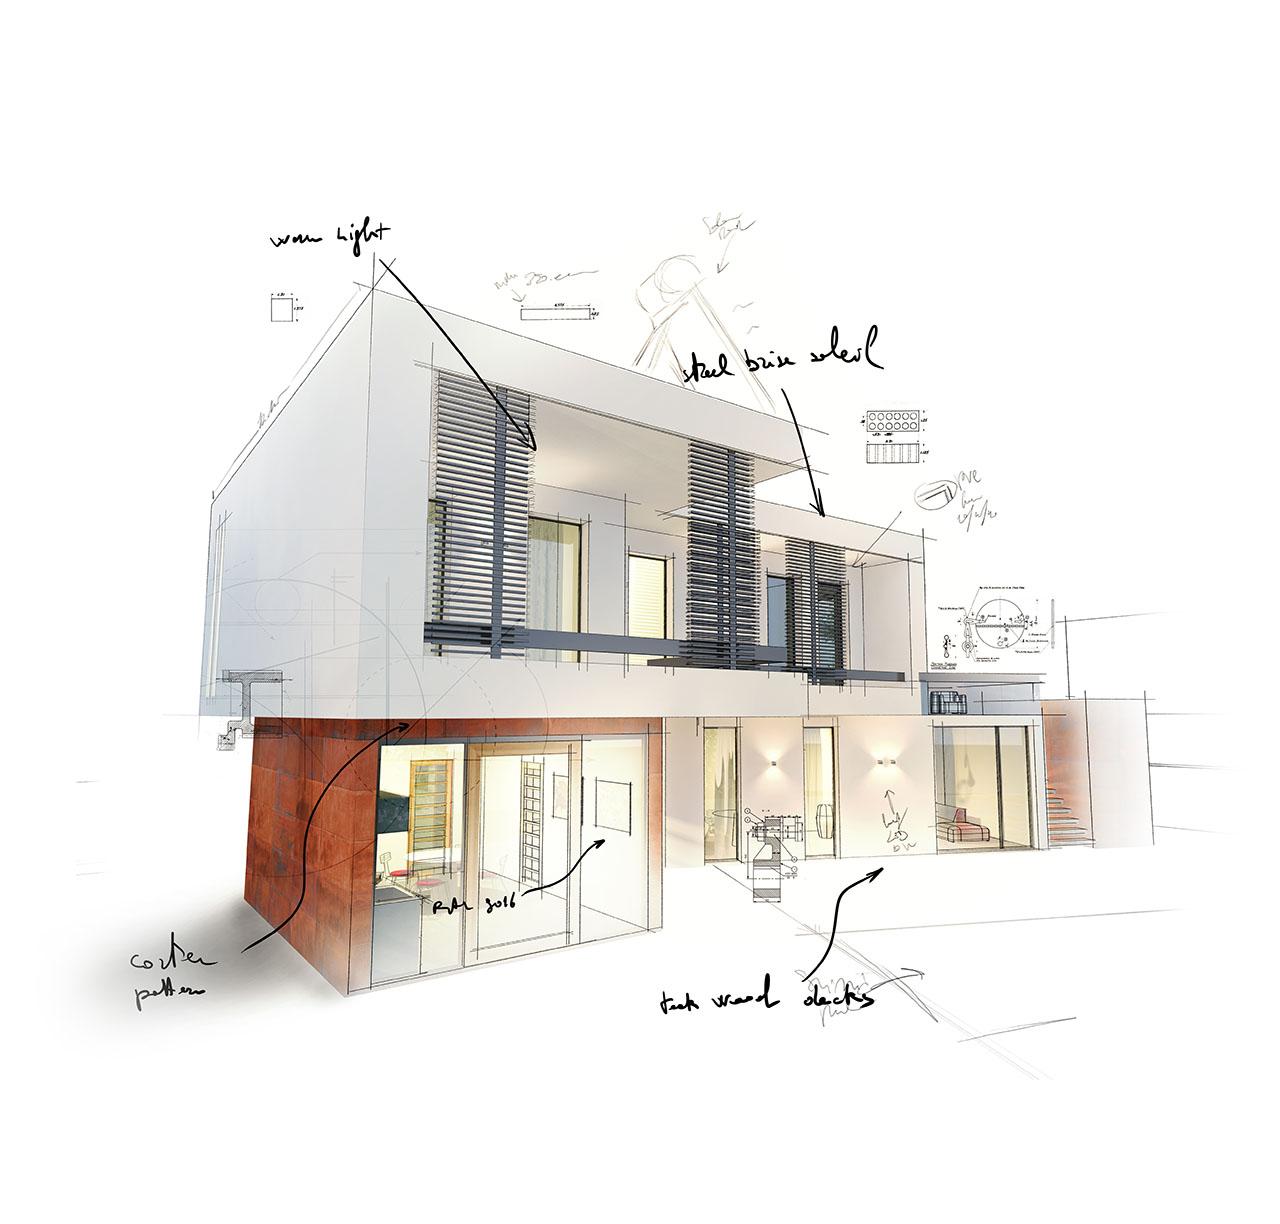 Architekten In Neuss beautiful architekten in neuss pictures kosherelsalvador com